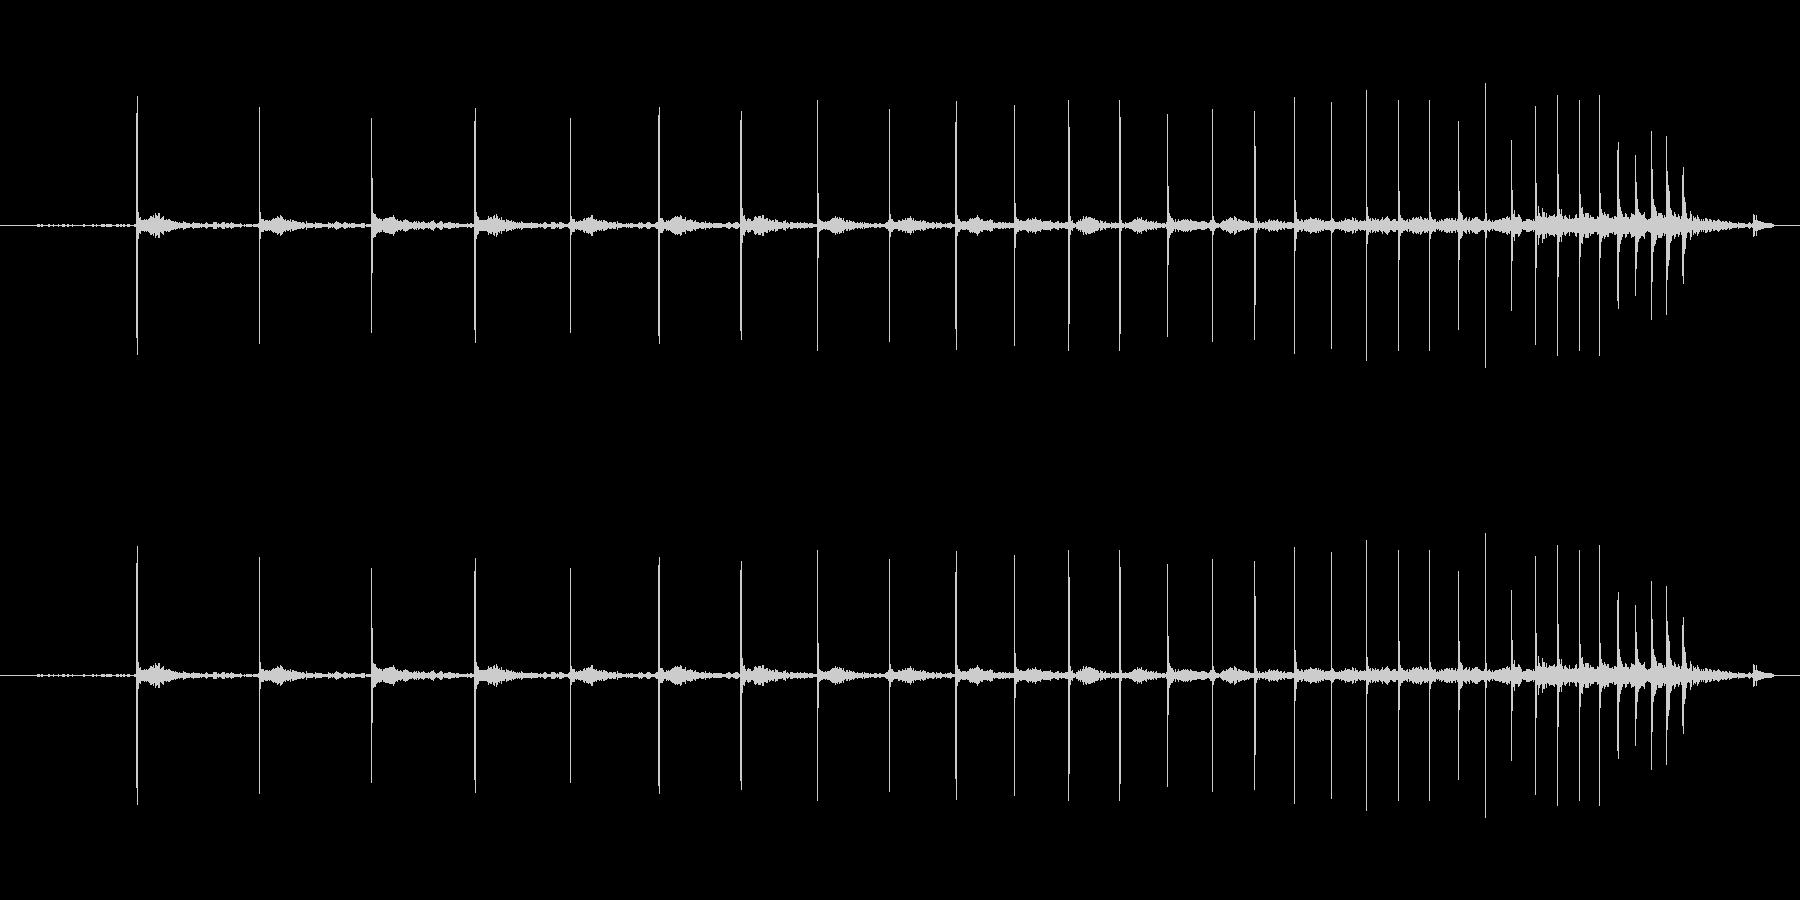 ピンポン玉を転がす音の未再生の波形